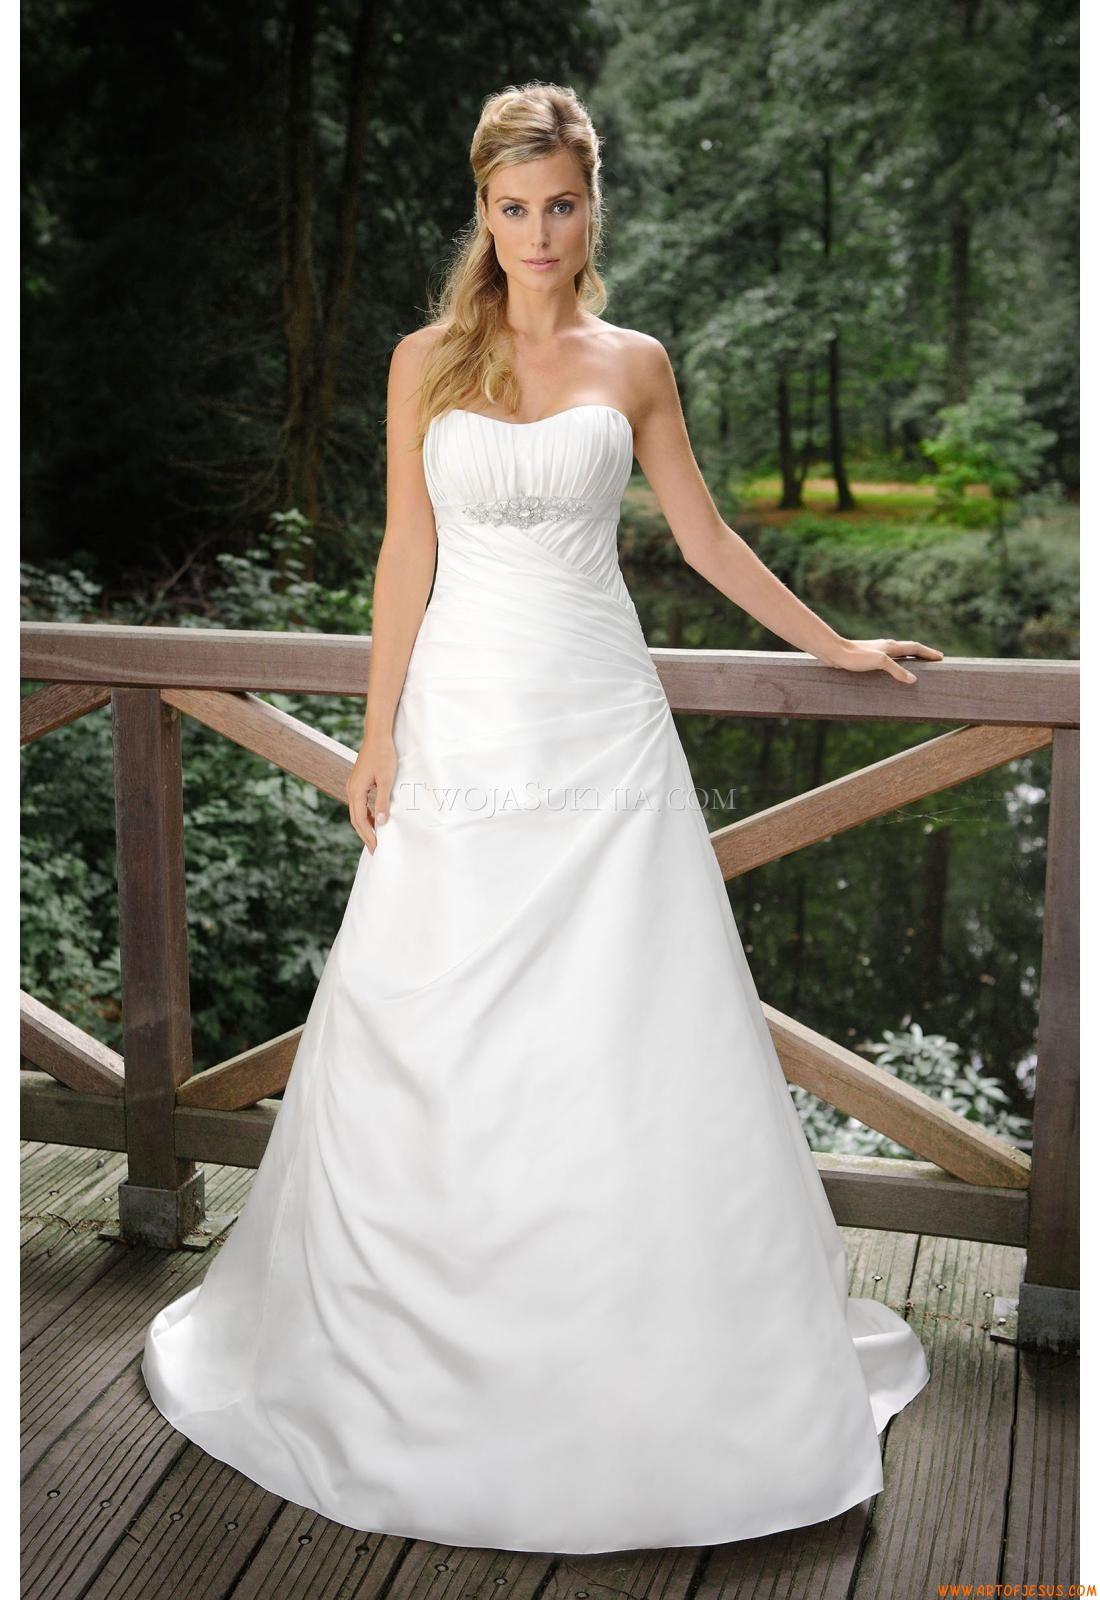 Maßgeschneiderte A-linie Günstige Brautkleider aus Taft mit ...